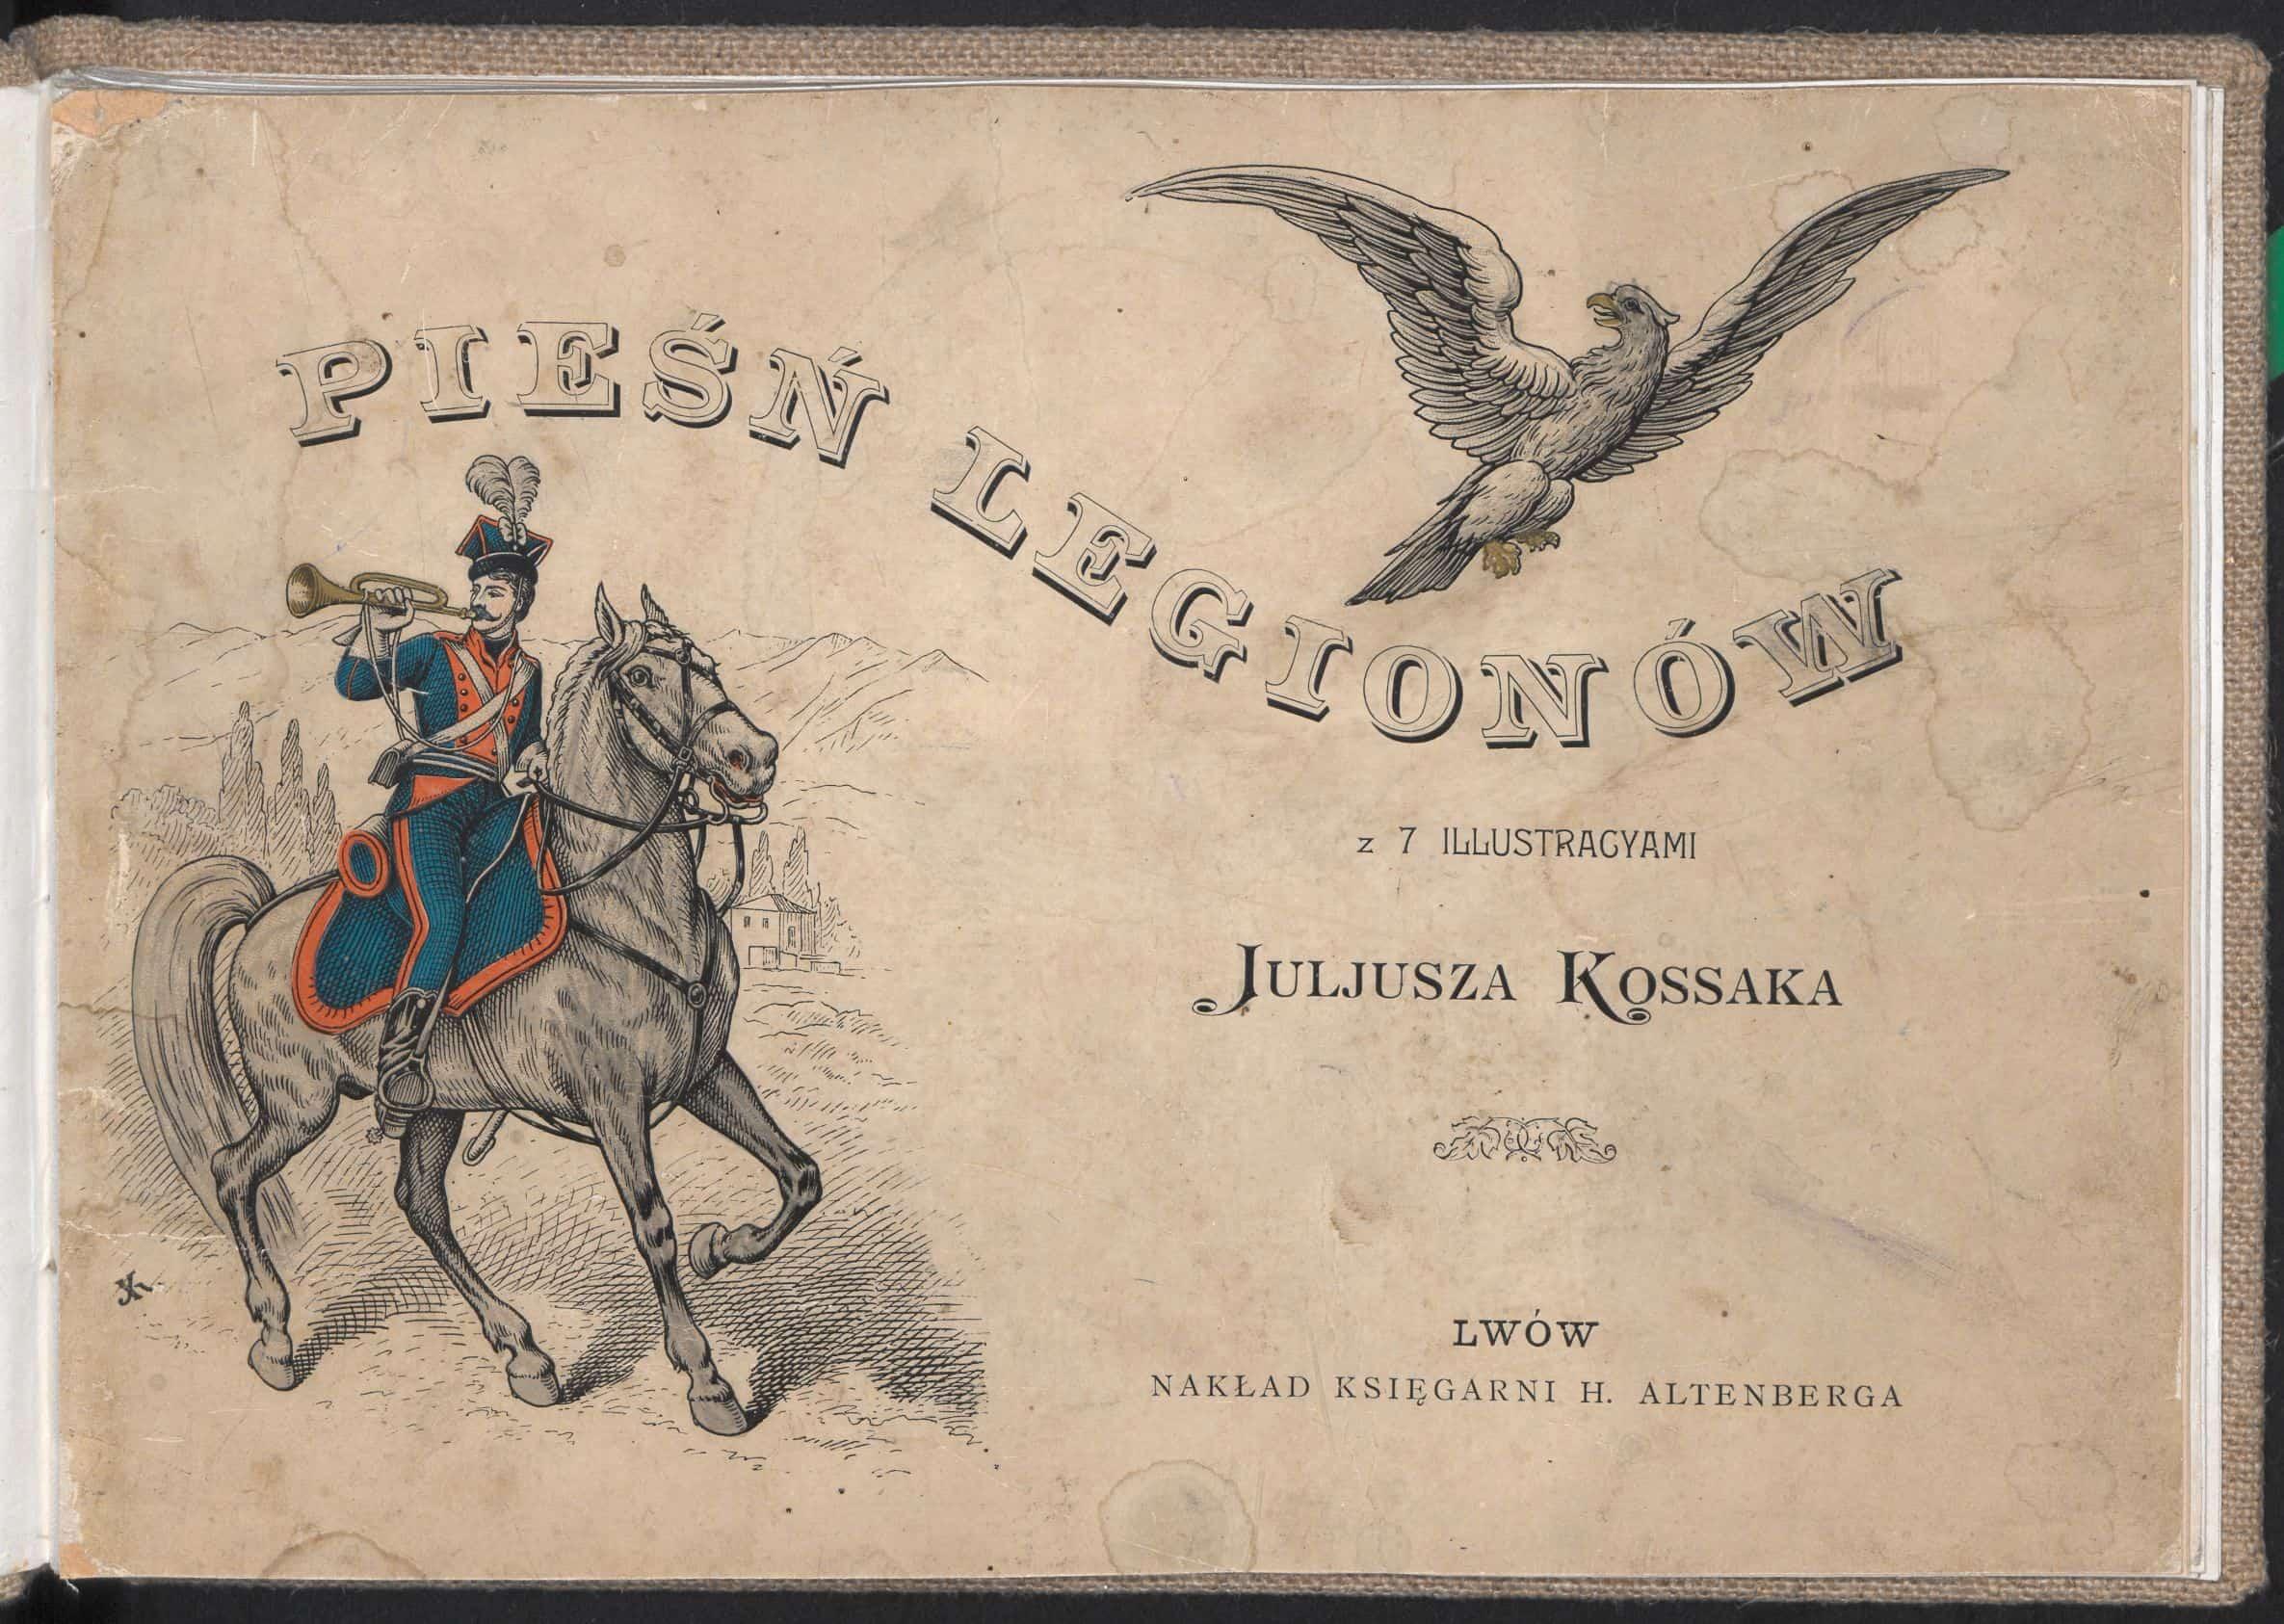 Pieśń Legionów. Wyd. H. Altenberga, Lwów 1900. Źródło: Polona